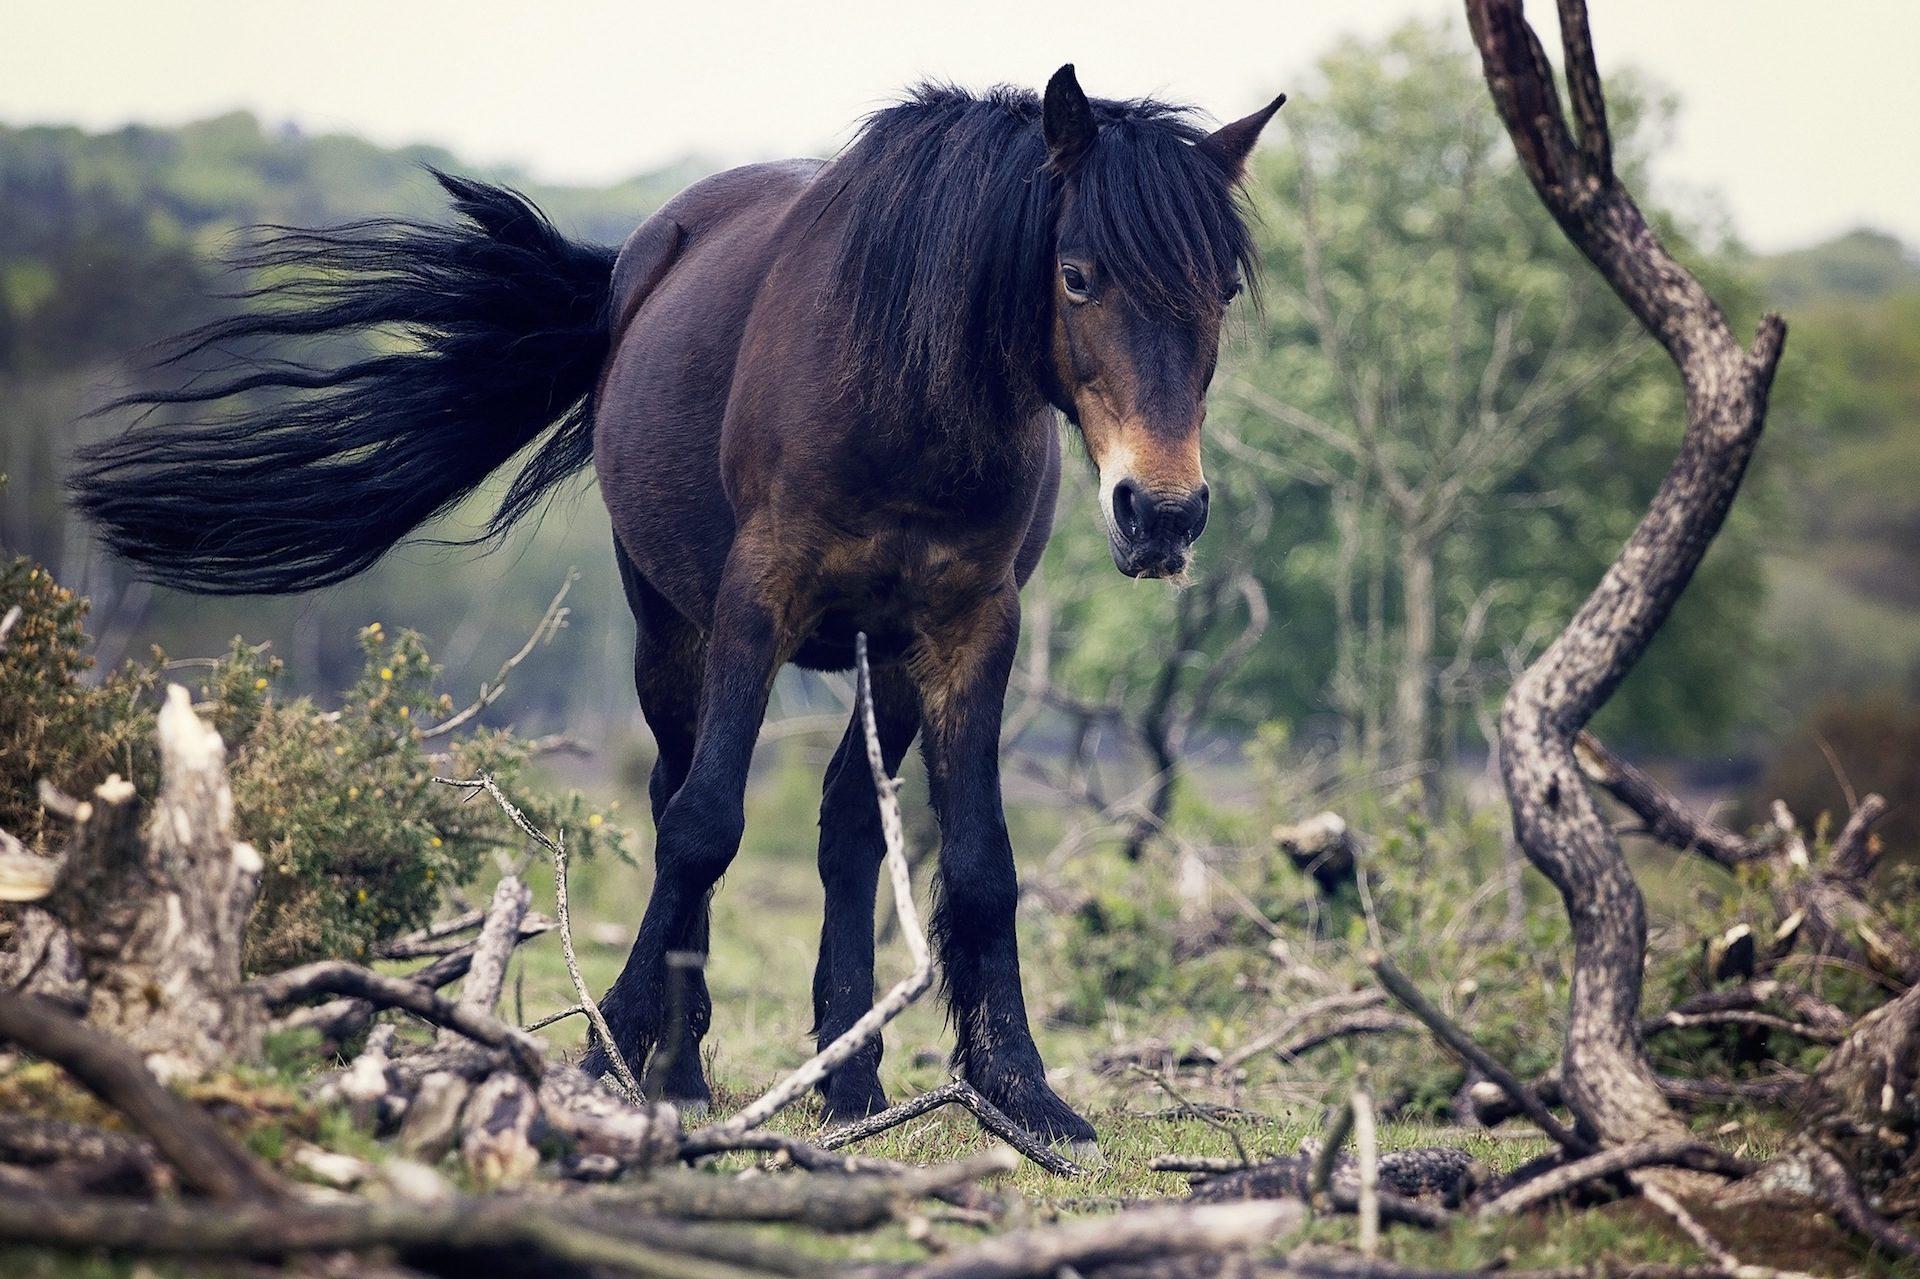 घोड़ा, फर, फ़ील्ड, शाखाओं, पेड़ - HD वॉलपेपर - प्रोफेसर-falken.com